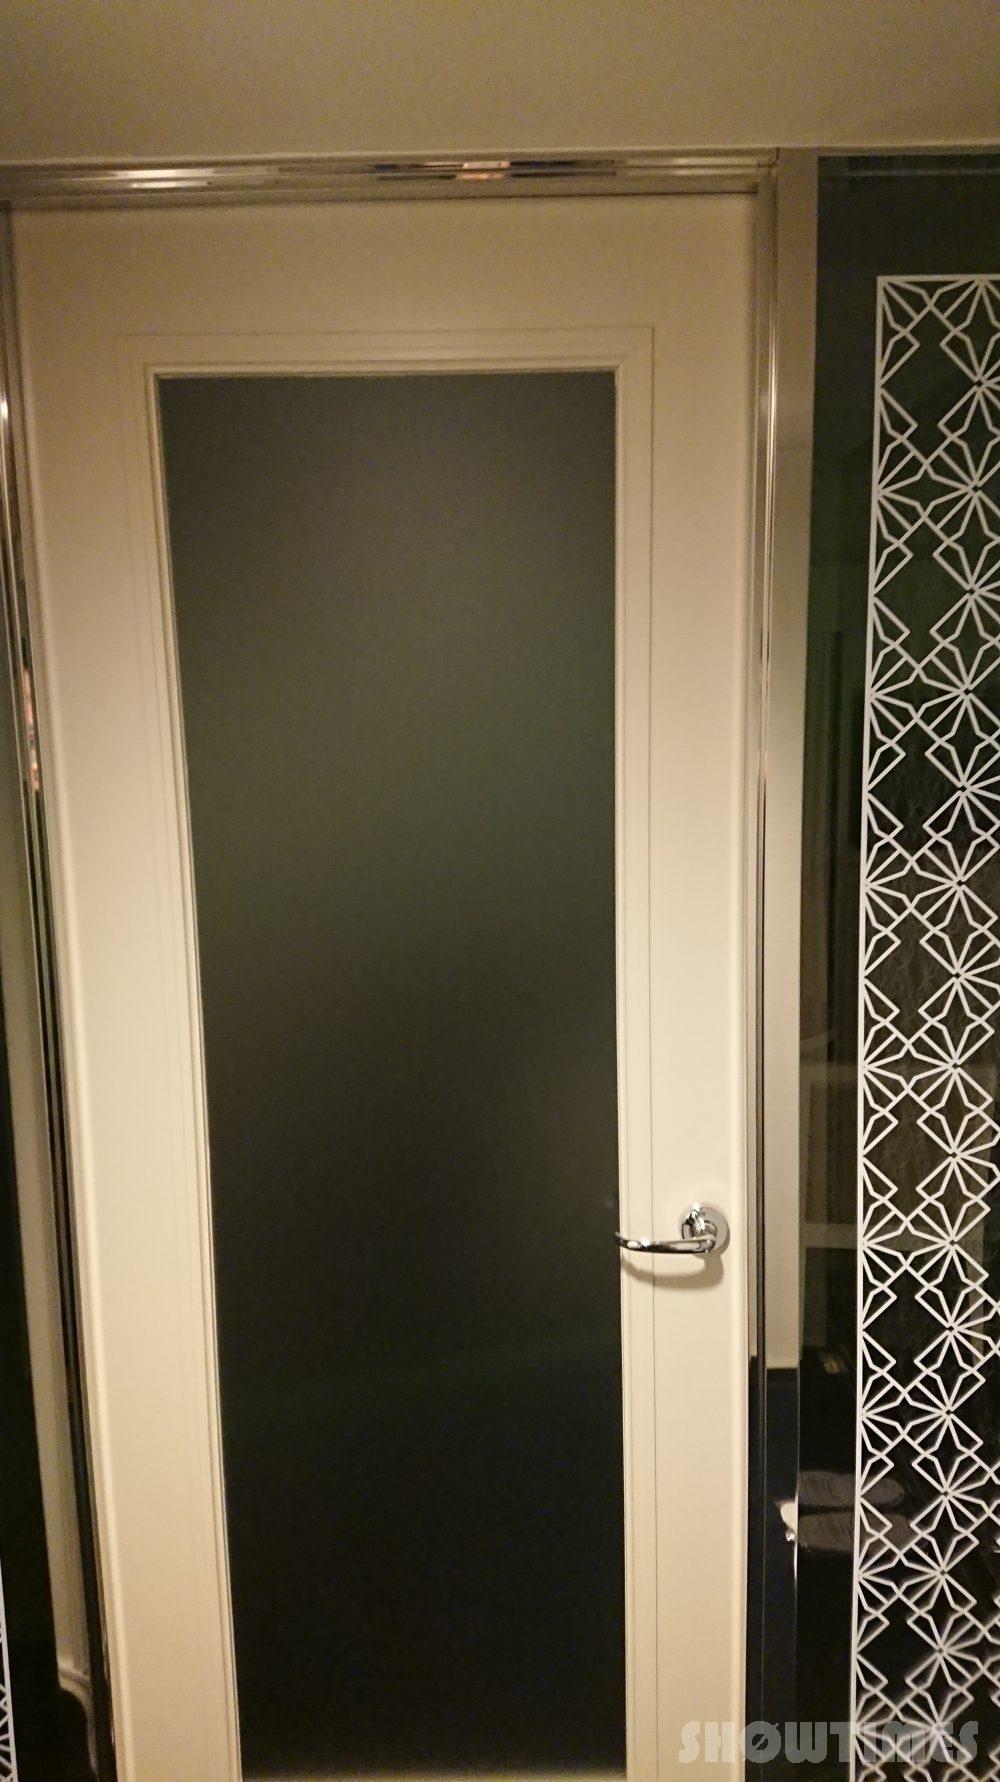 プレミアホテル中島公園デラックスラージダブルの玄関2